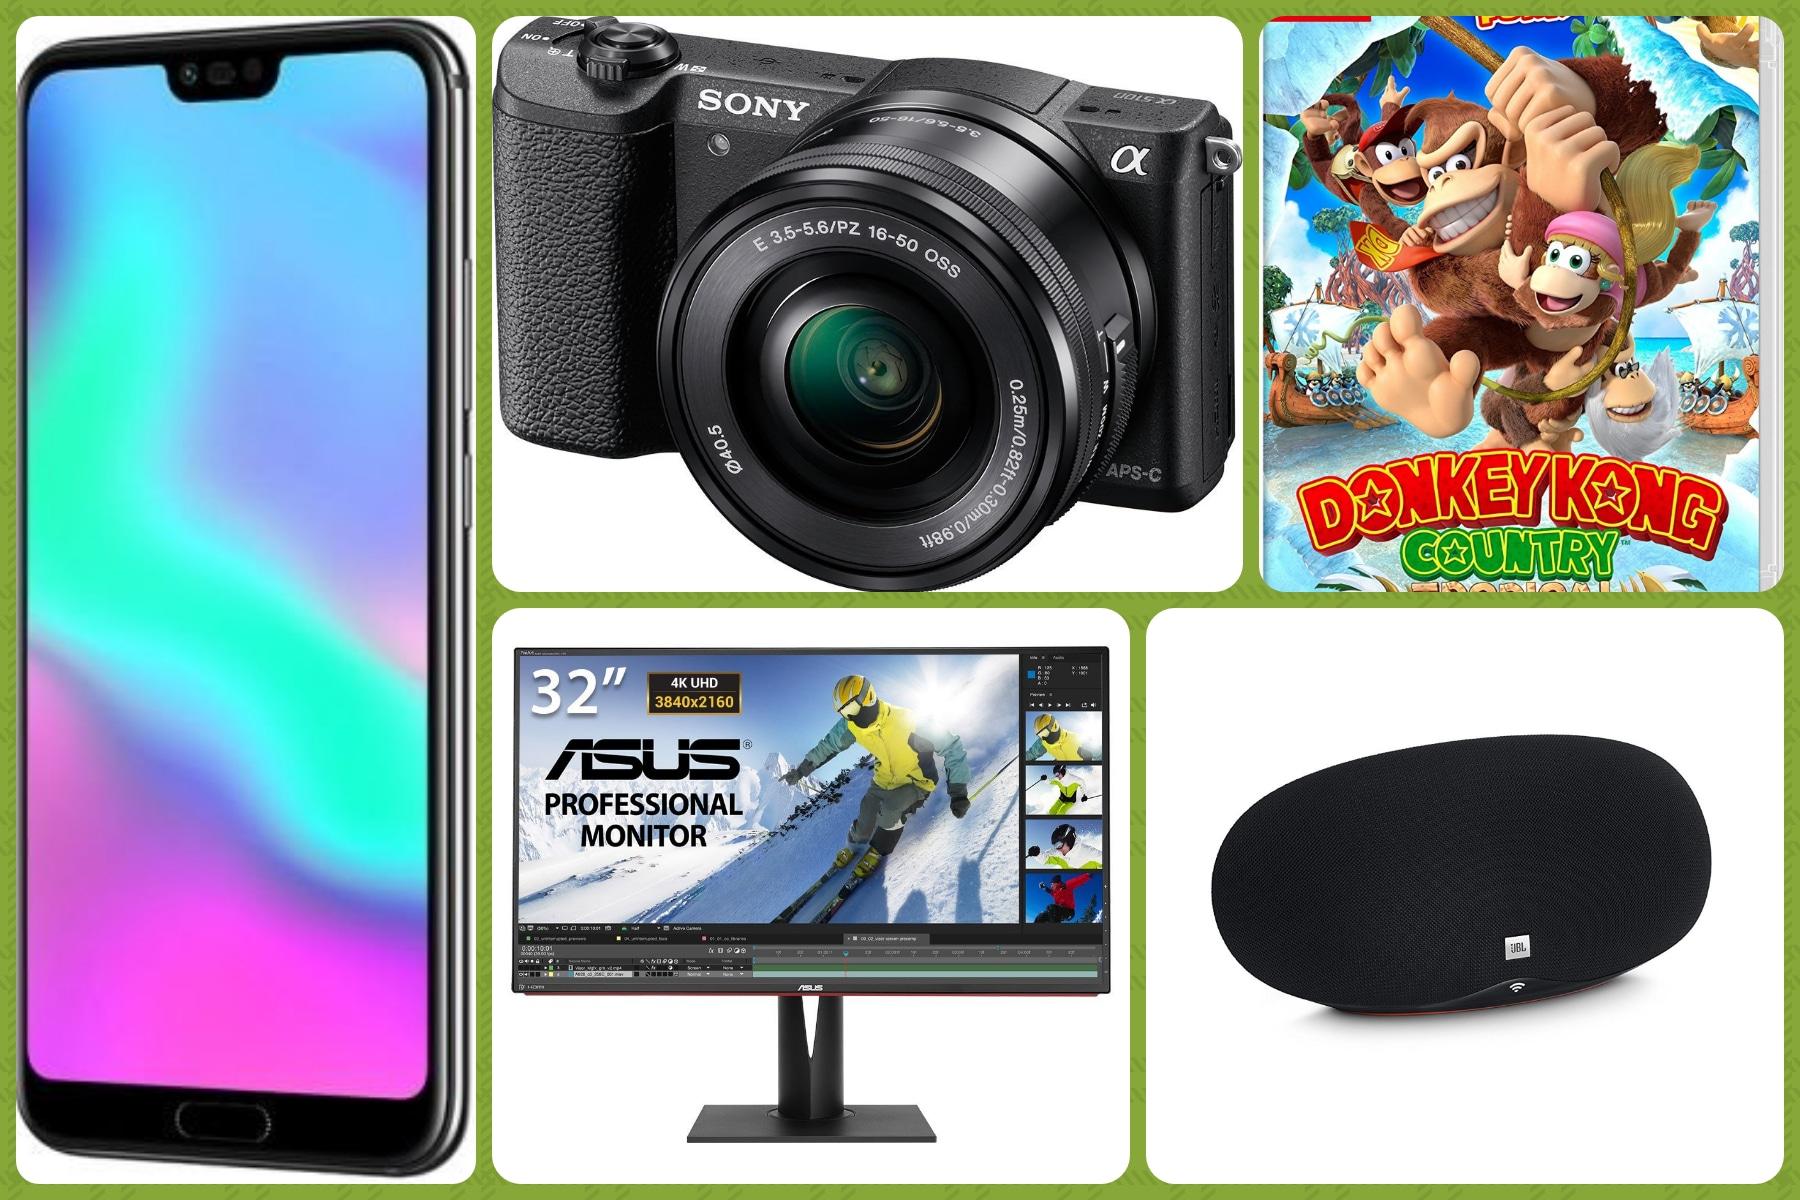 Su Amazon vi aspetta coupon per Yi Discovery e sconti su S9, Redmi 5 Plus e tanta altra tech - image migliori-offerte-amazon-12-giugno-2018 on http://www.zxbyte.com